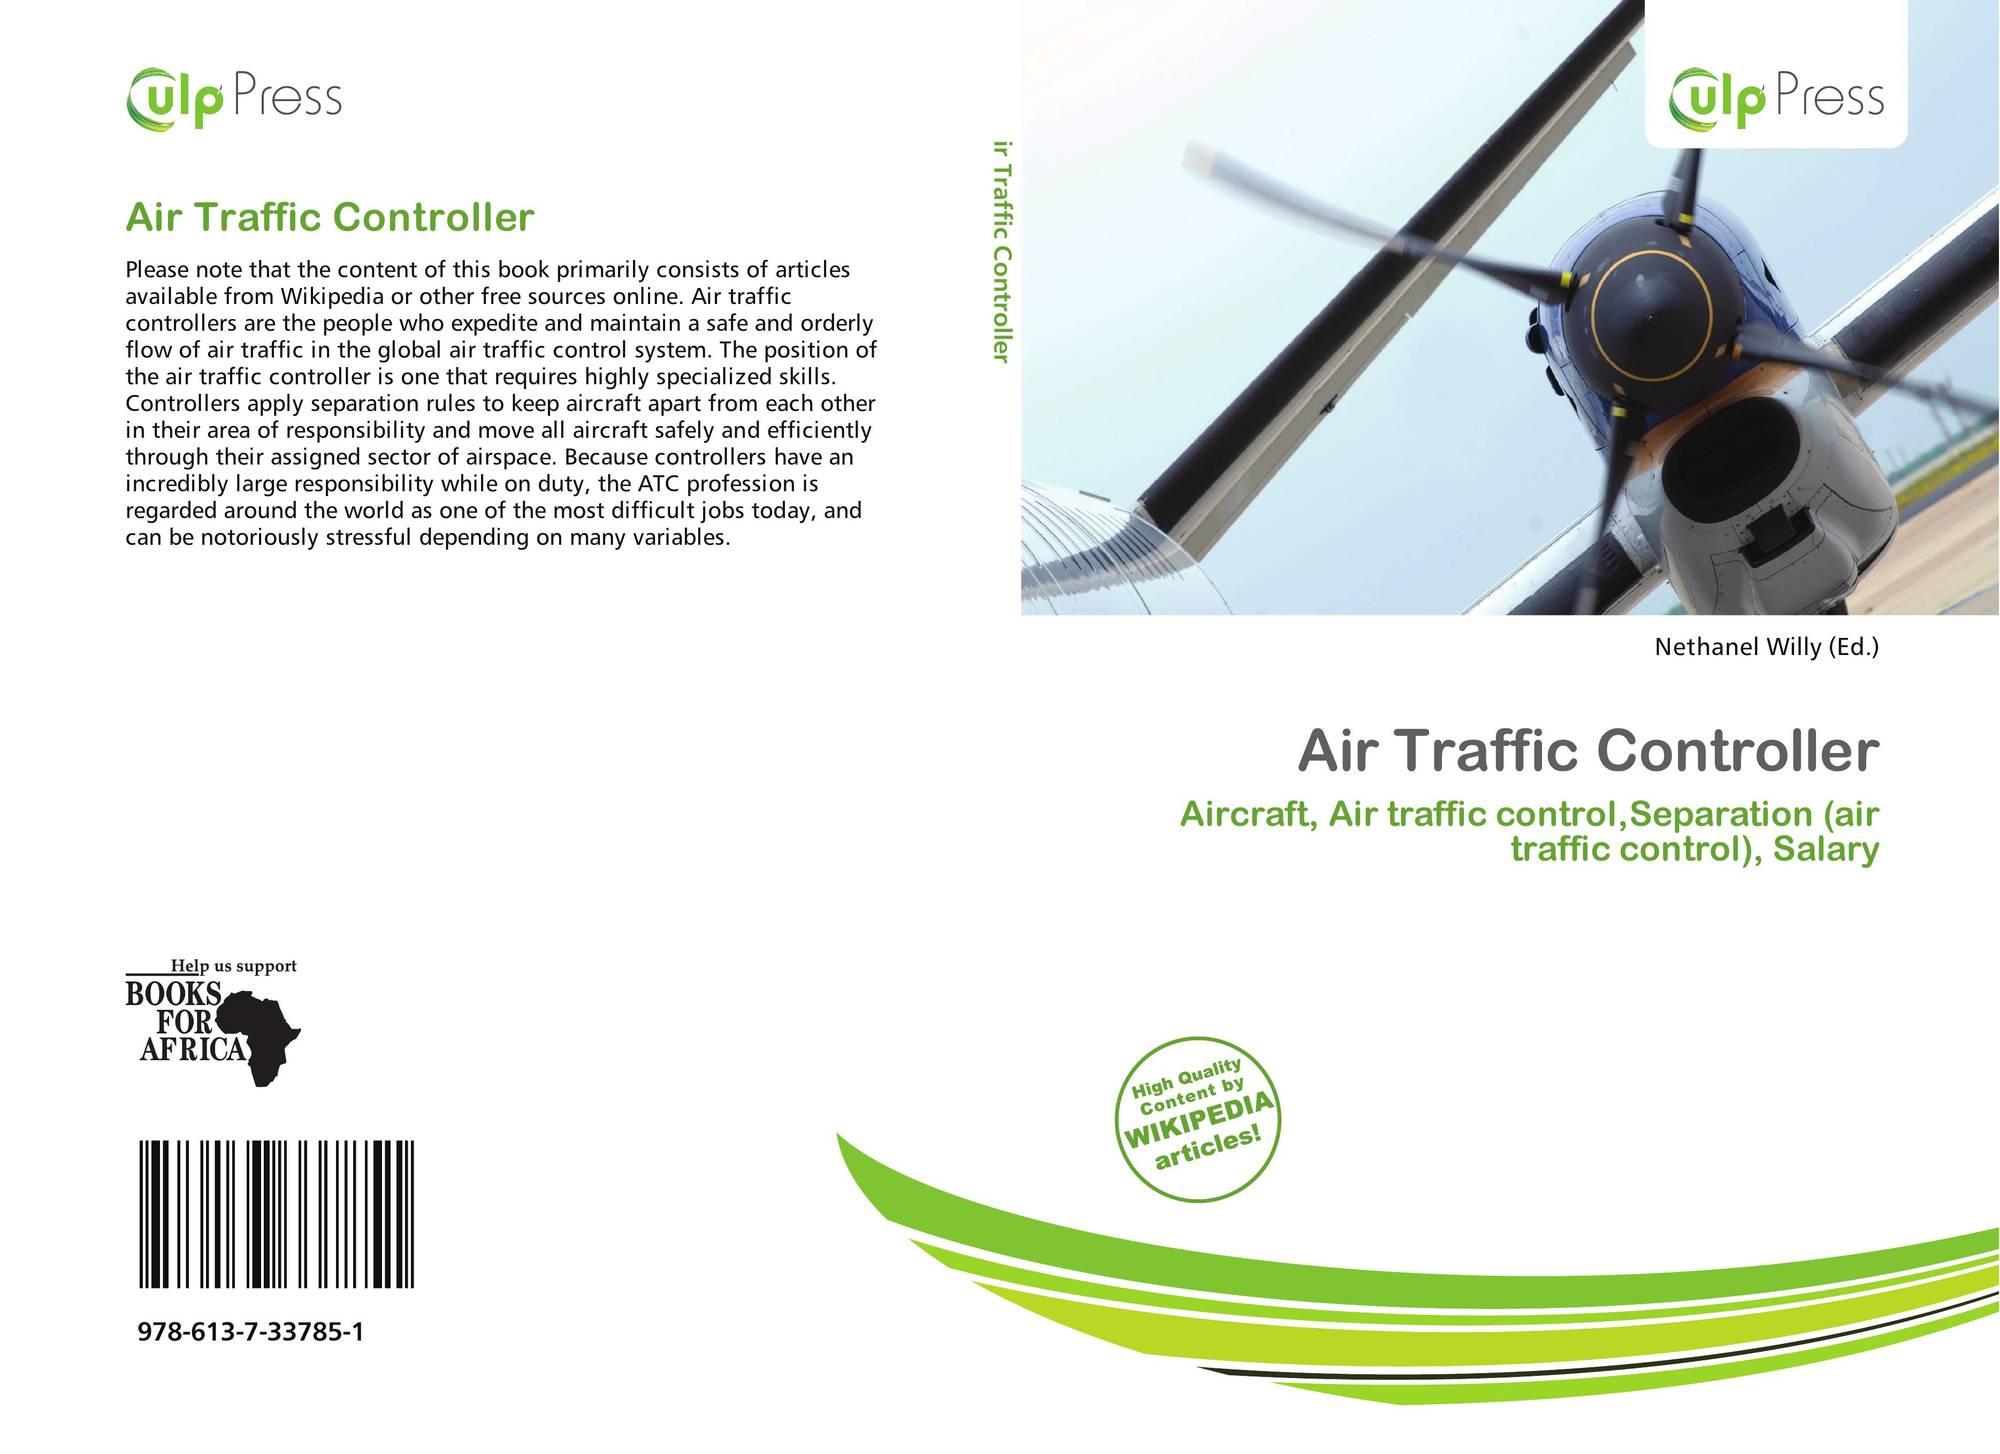 Air Traffic Controller, 978-613-7-33785-1, 6137337855